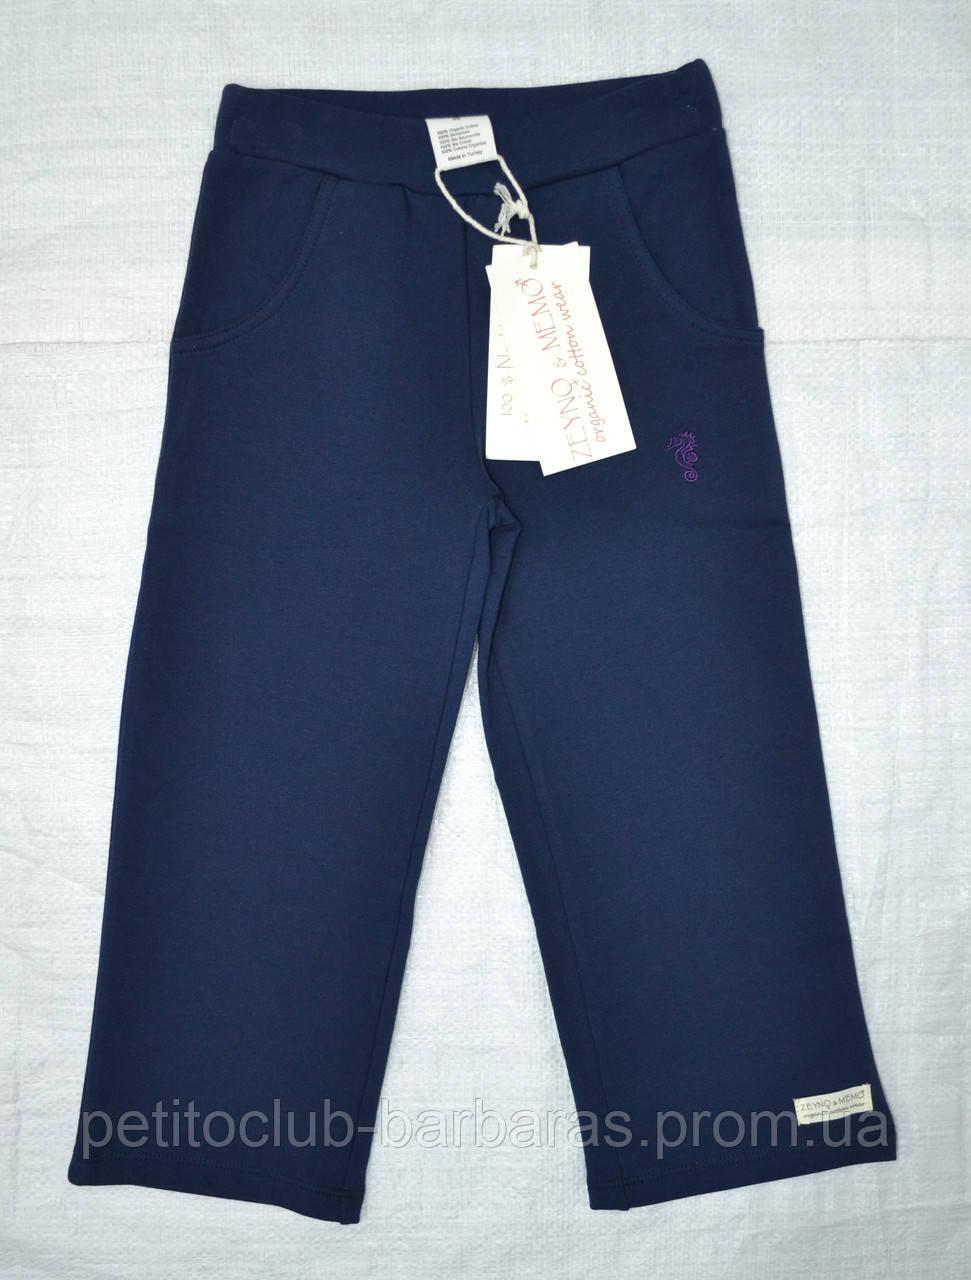 Спортивные штаны с начесом для девочки темно-синие (Z&M, Турция)